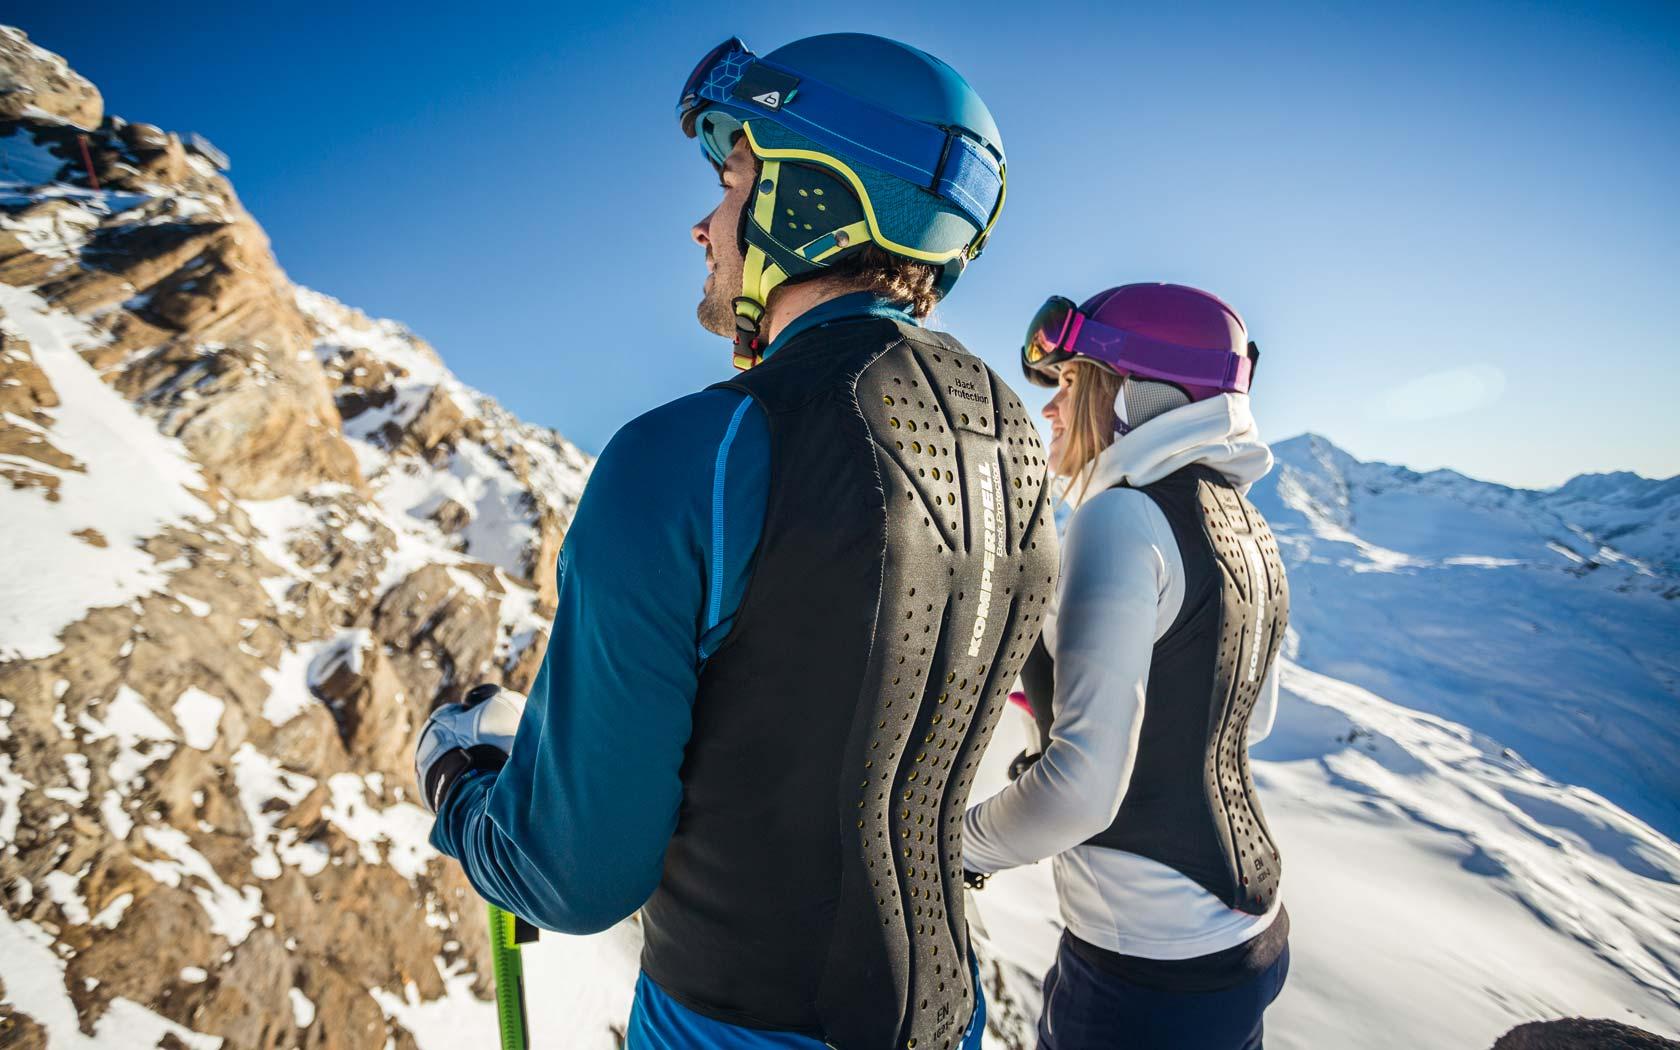 Рейтинг лучшей защитной экипировки для лыжников и сноубордистов на 2021 год